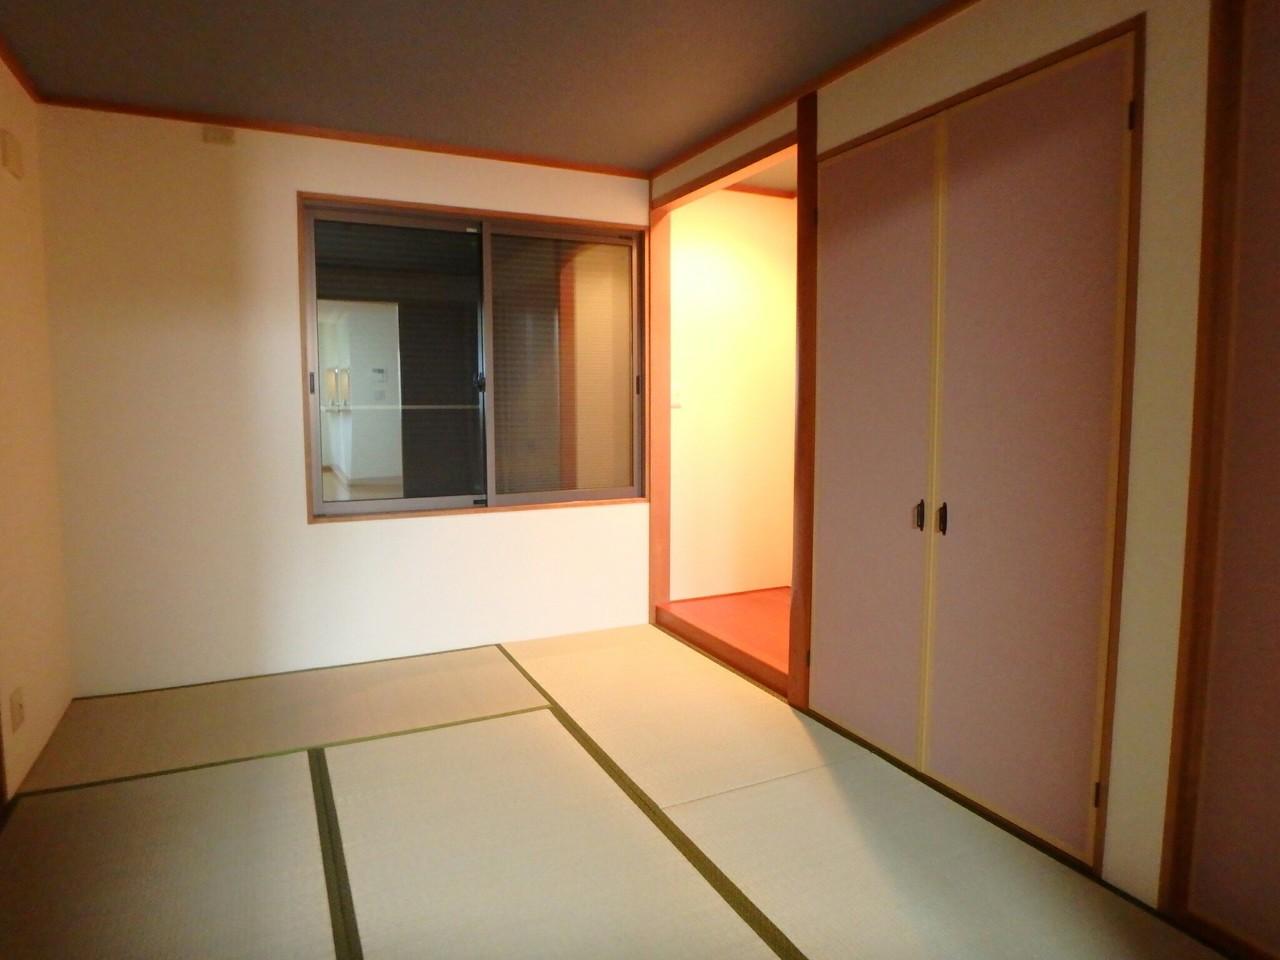 LDKとつながった多目的に使える和室スペース。 お子様のお遊びスペースや、急な来客時のゲストルームにもなりますね♪(2018年1月23日撮影)